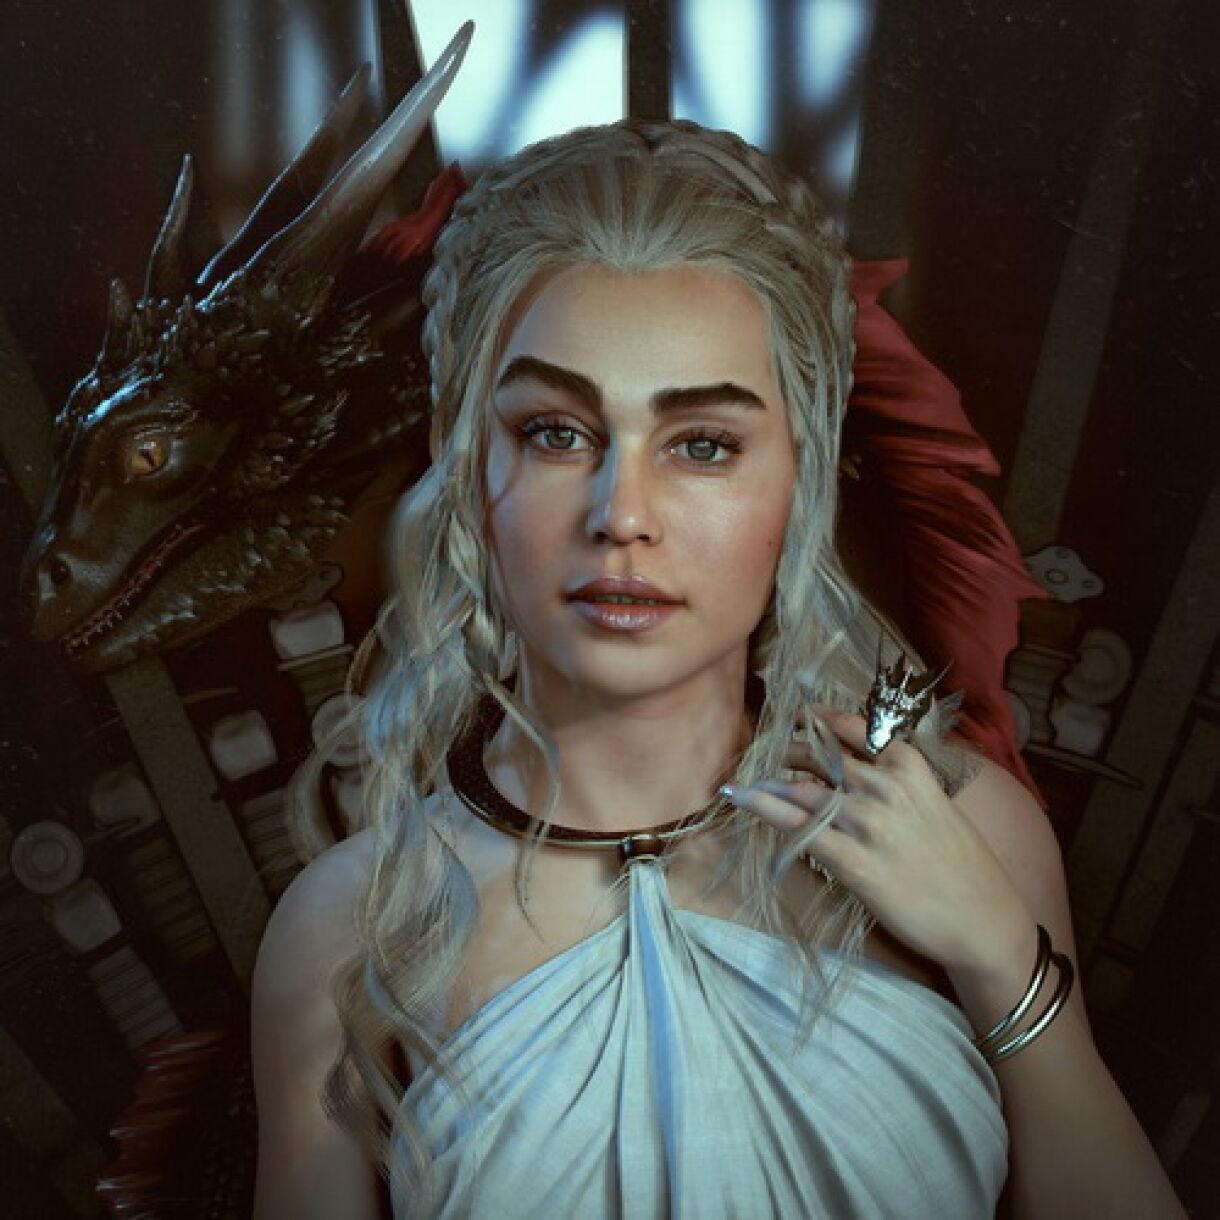 Daenerys recreated with UE4 & Zbrush